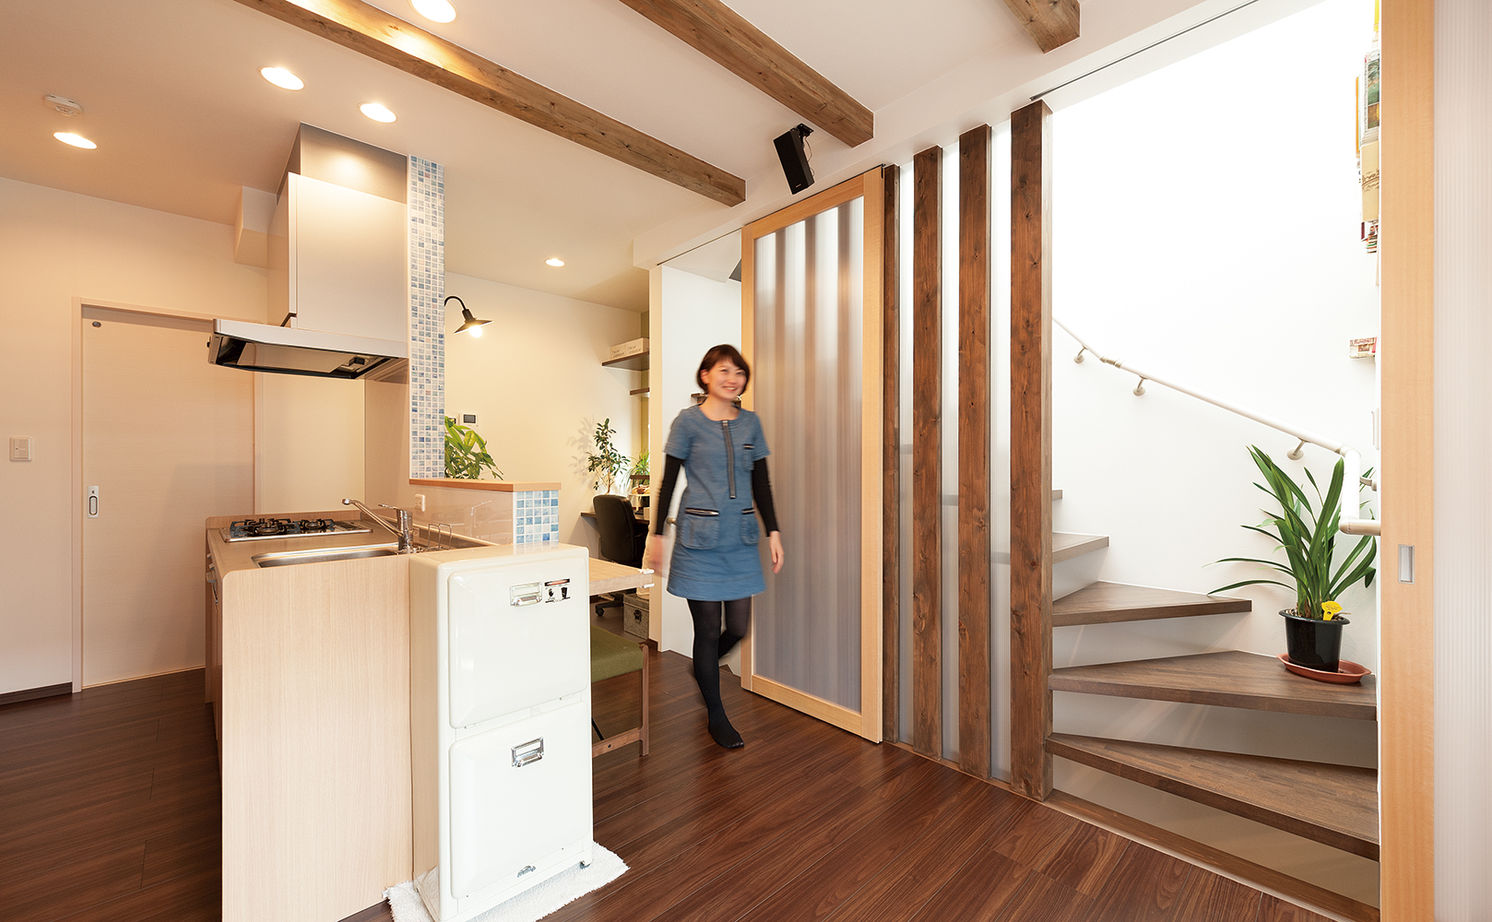 【1500~2000万円】わずか17.8坪に建てた2世帯住宅。タテヨコに広がる設計で開放感あり画像2